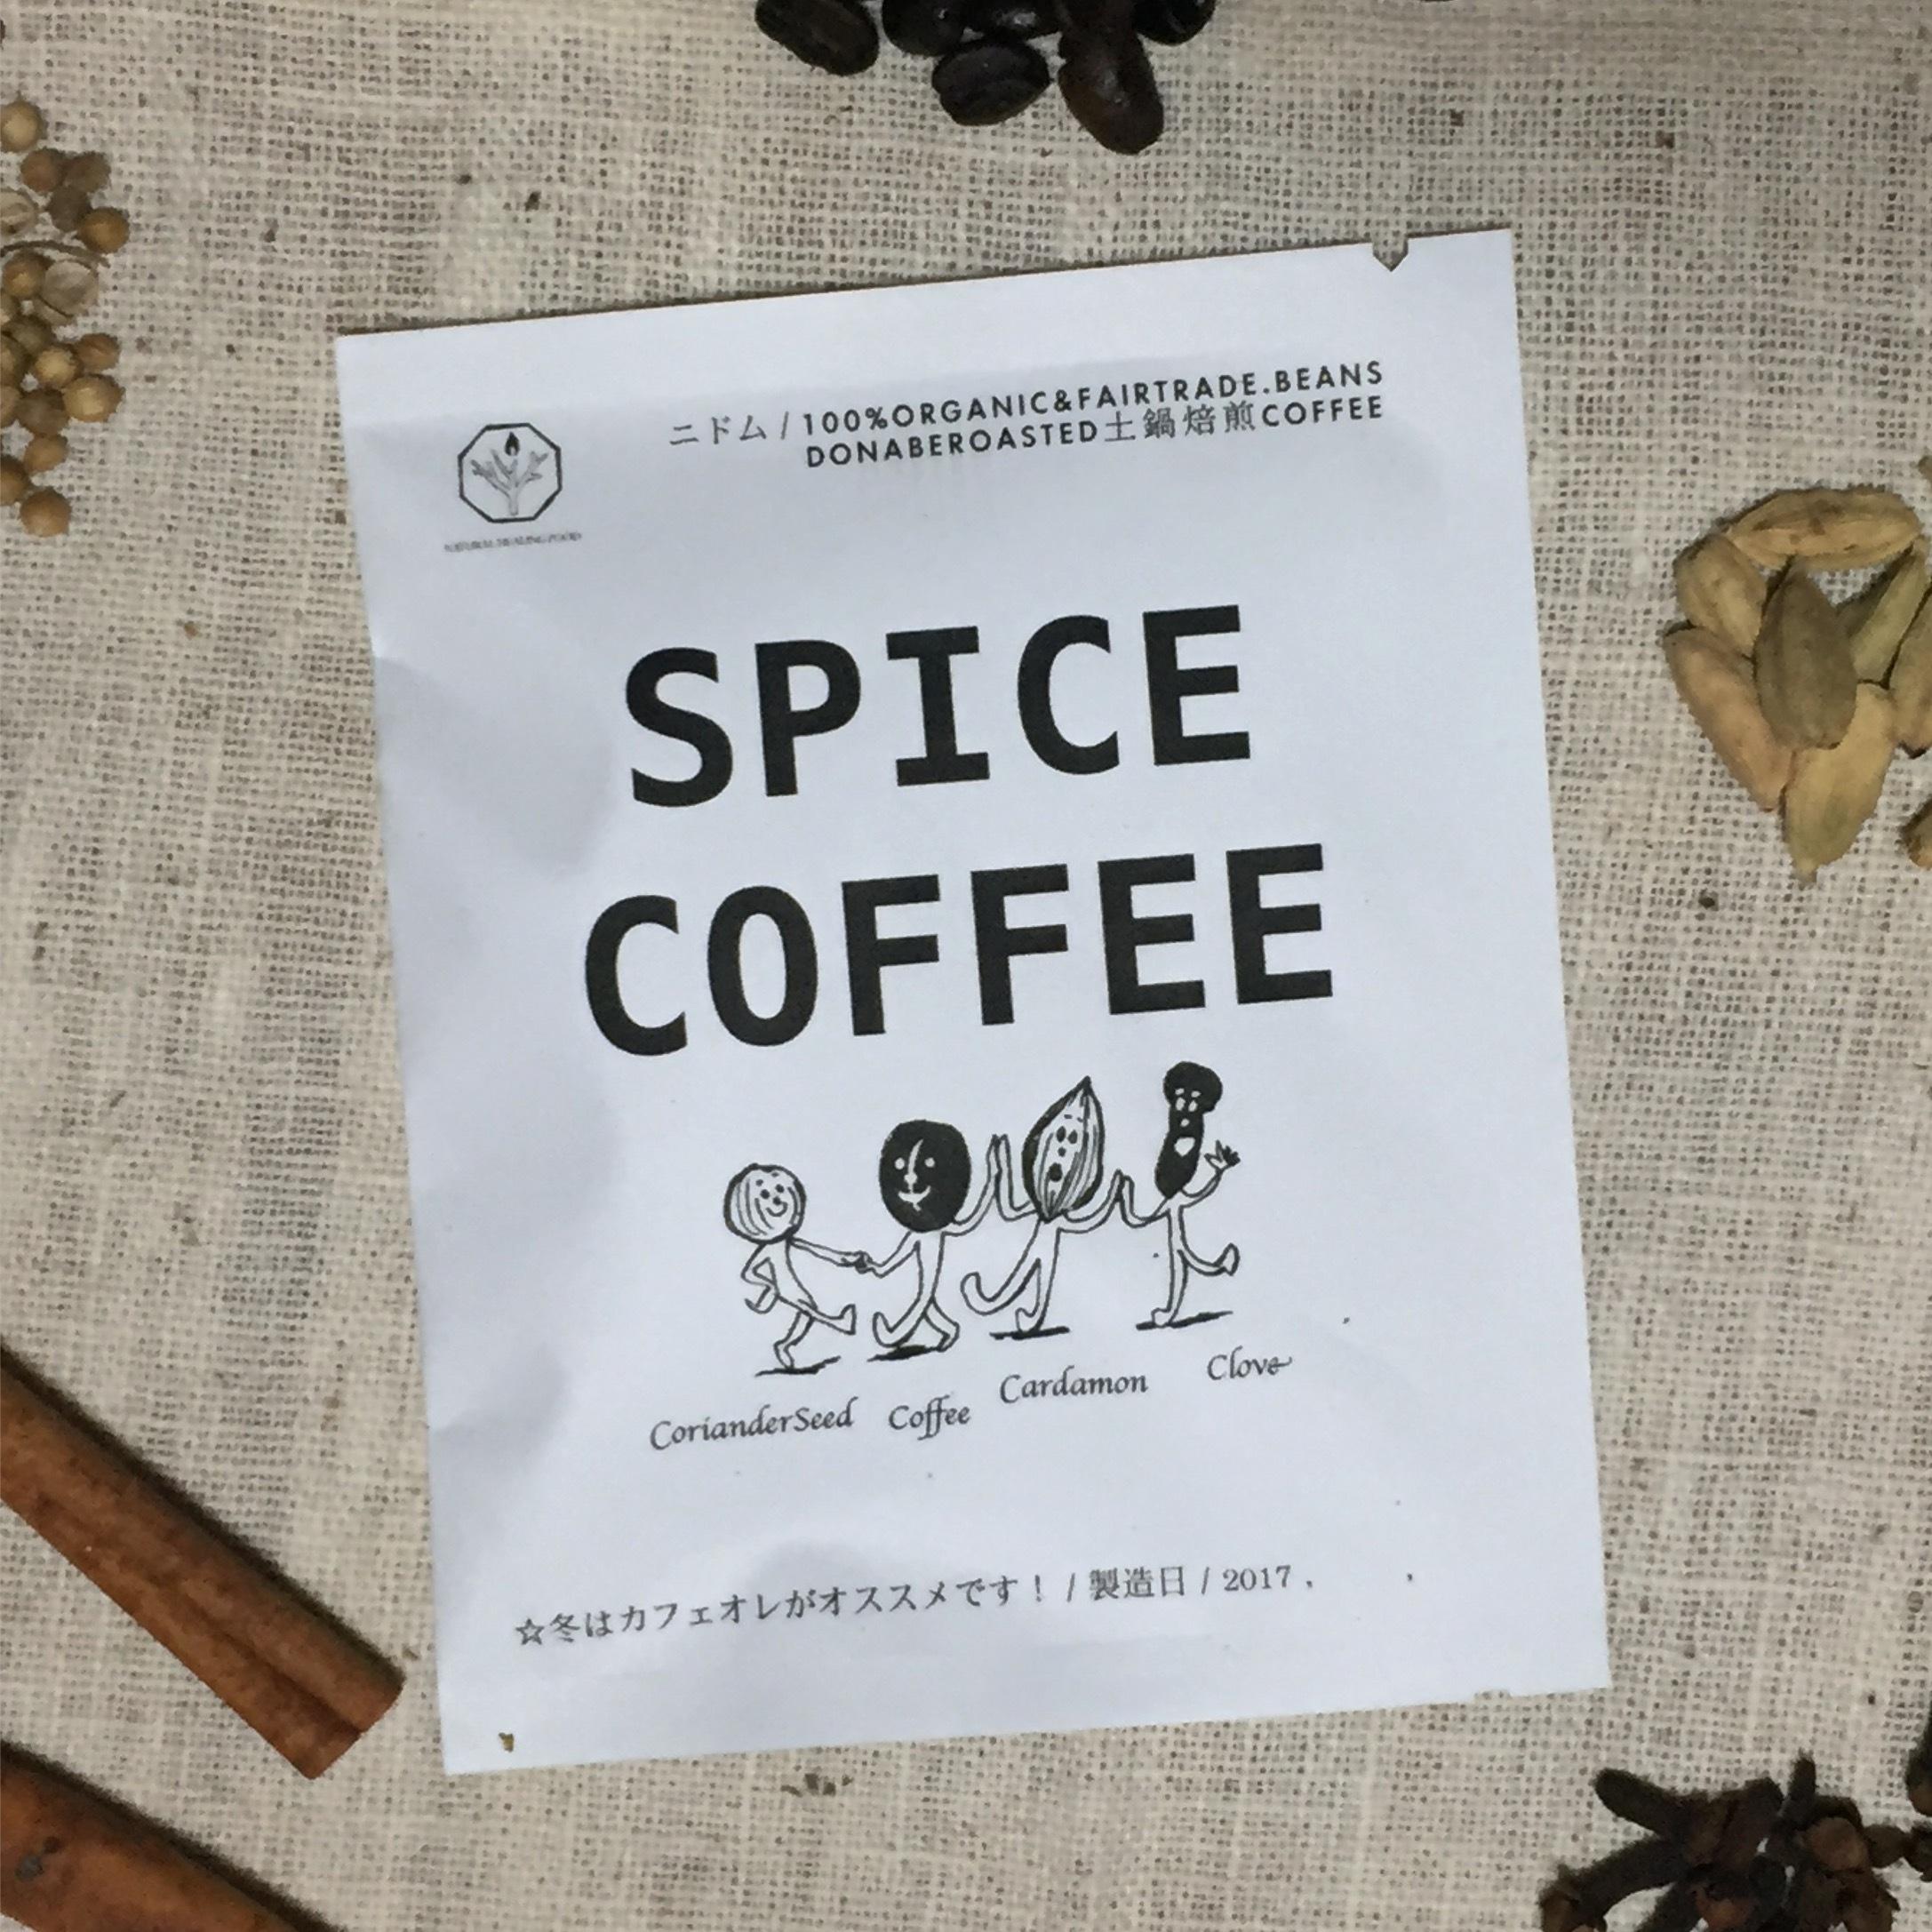 スパイスコーヒー ドリップパック - 画像1